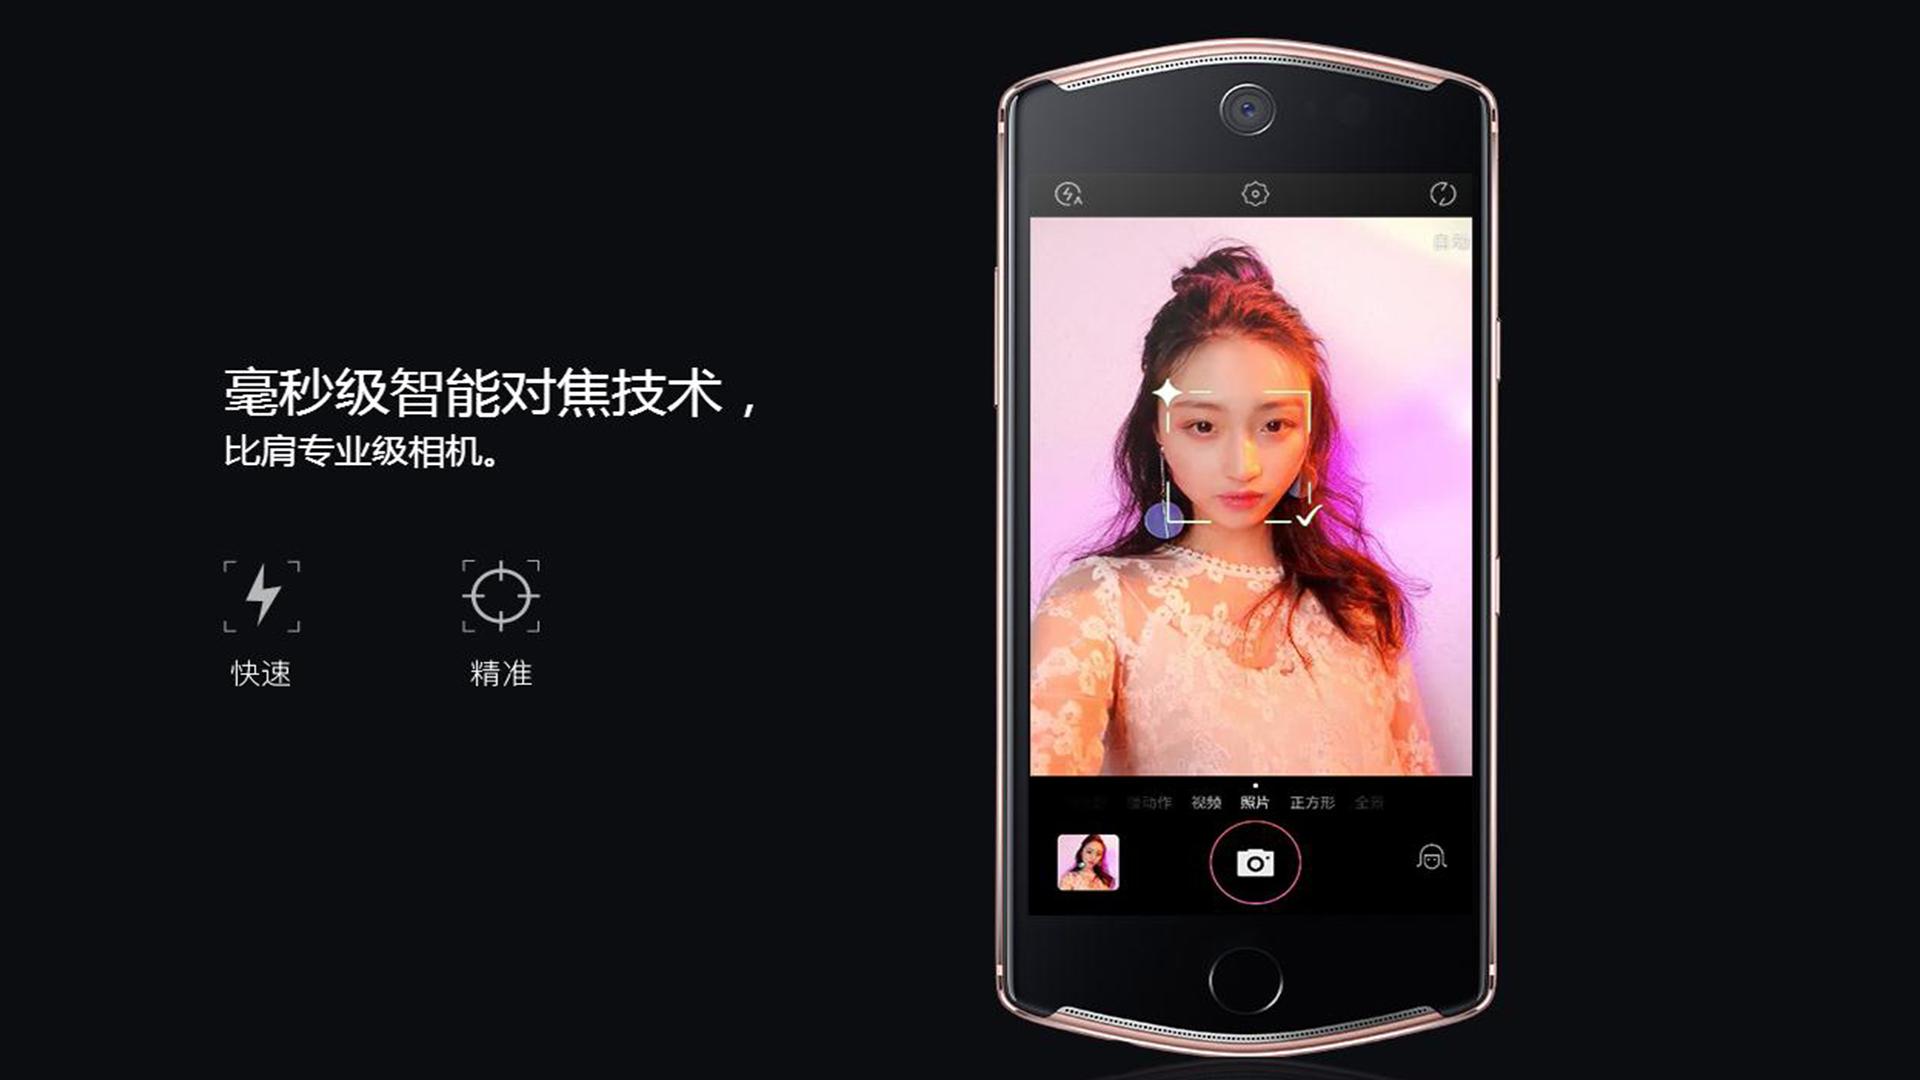 【每日智播报】长虹黑科技手机H2 美图T8发布